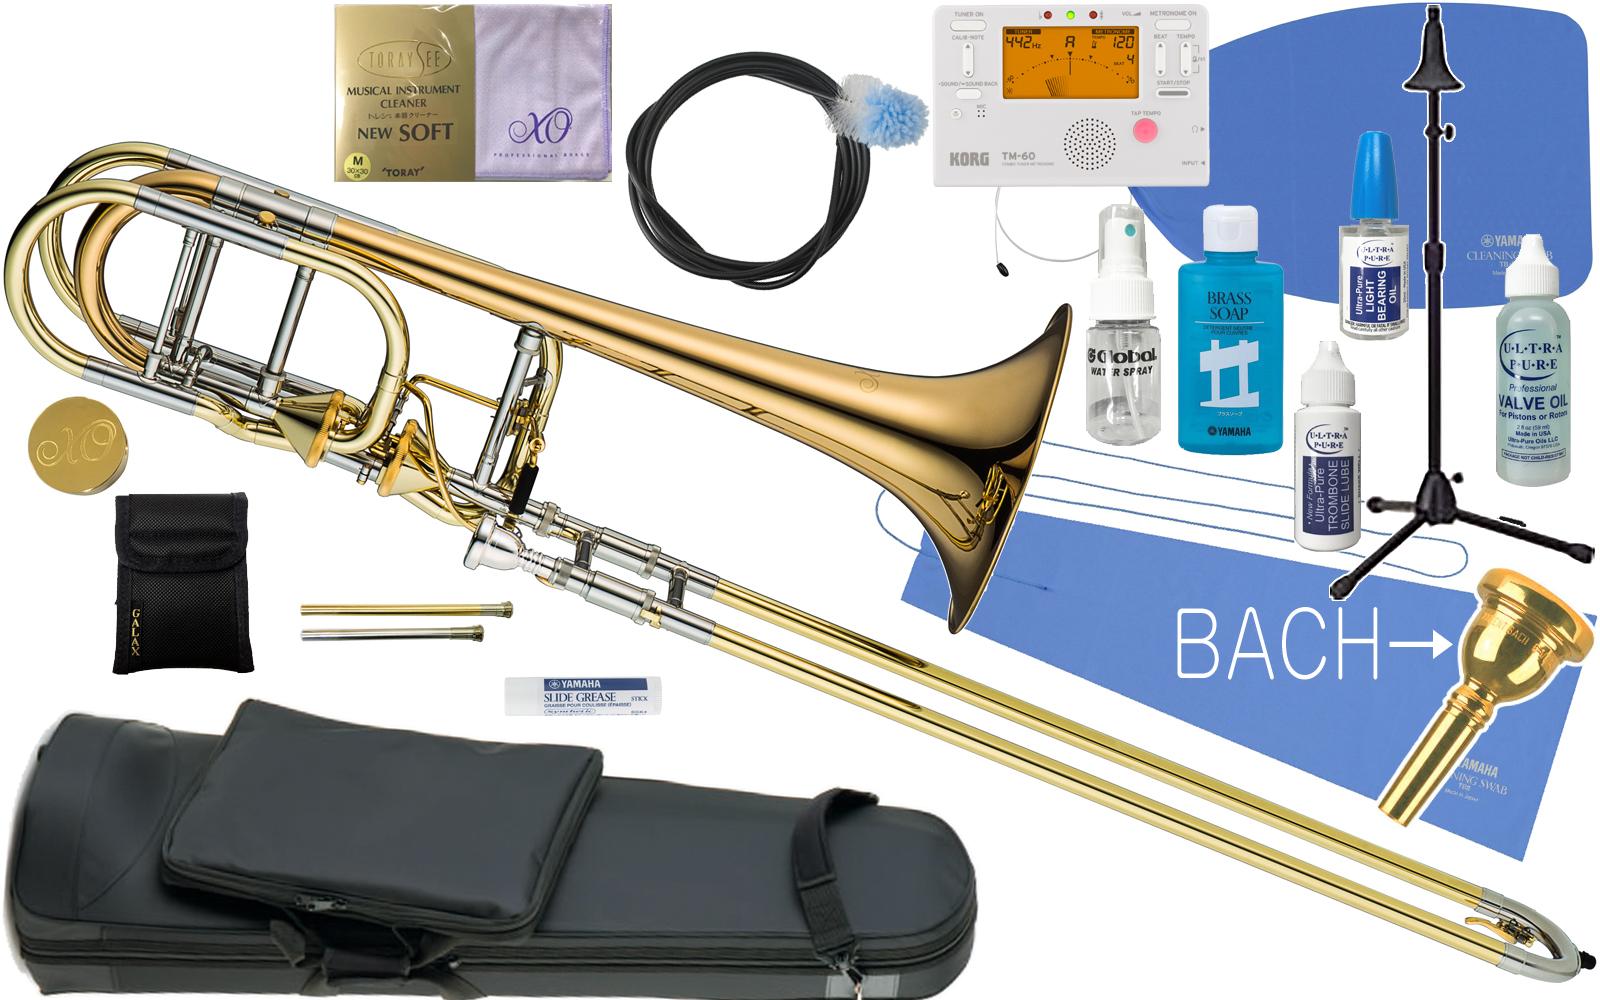 XO ( エックスオー ) 1240RL-T トロンボーン 新品 B♭/F/G♭/D管 バストロンボーン アキシャルフローバルブ ゴールドブラス 太管 Bass Trombones RB-GB Axial Flow Valve セットA 送料無料